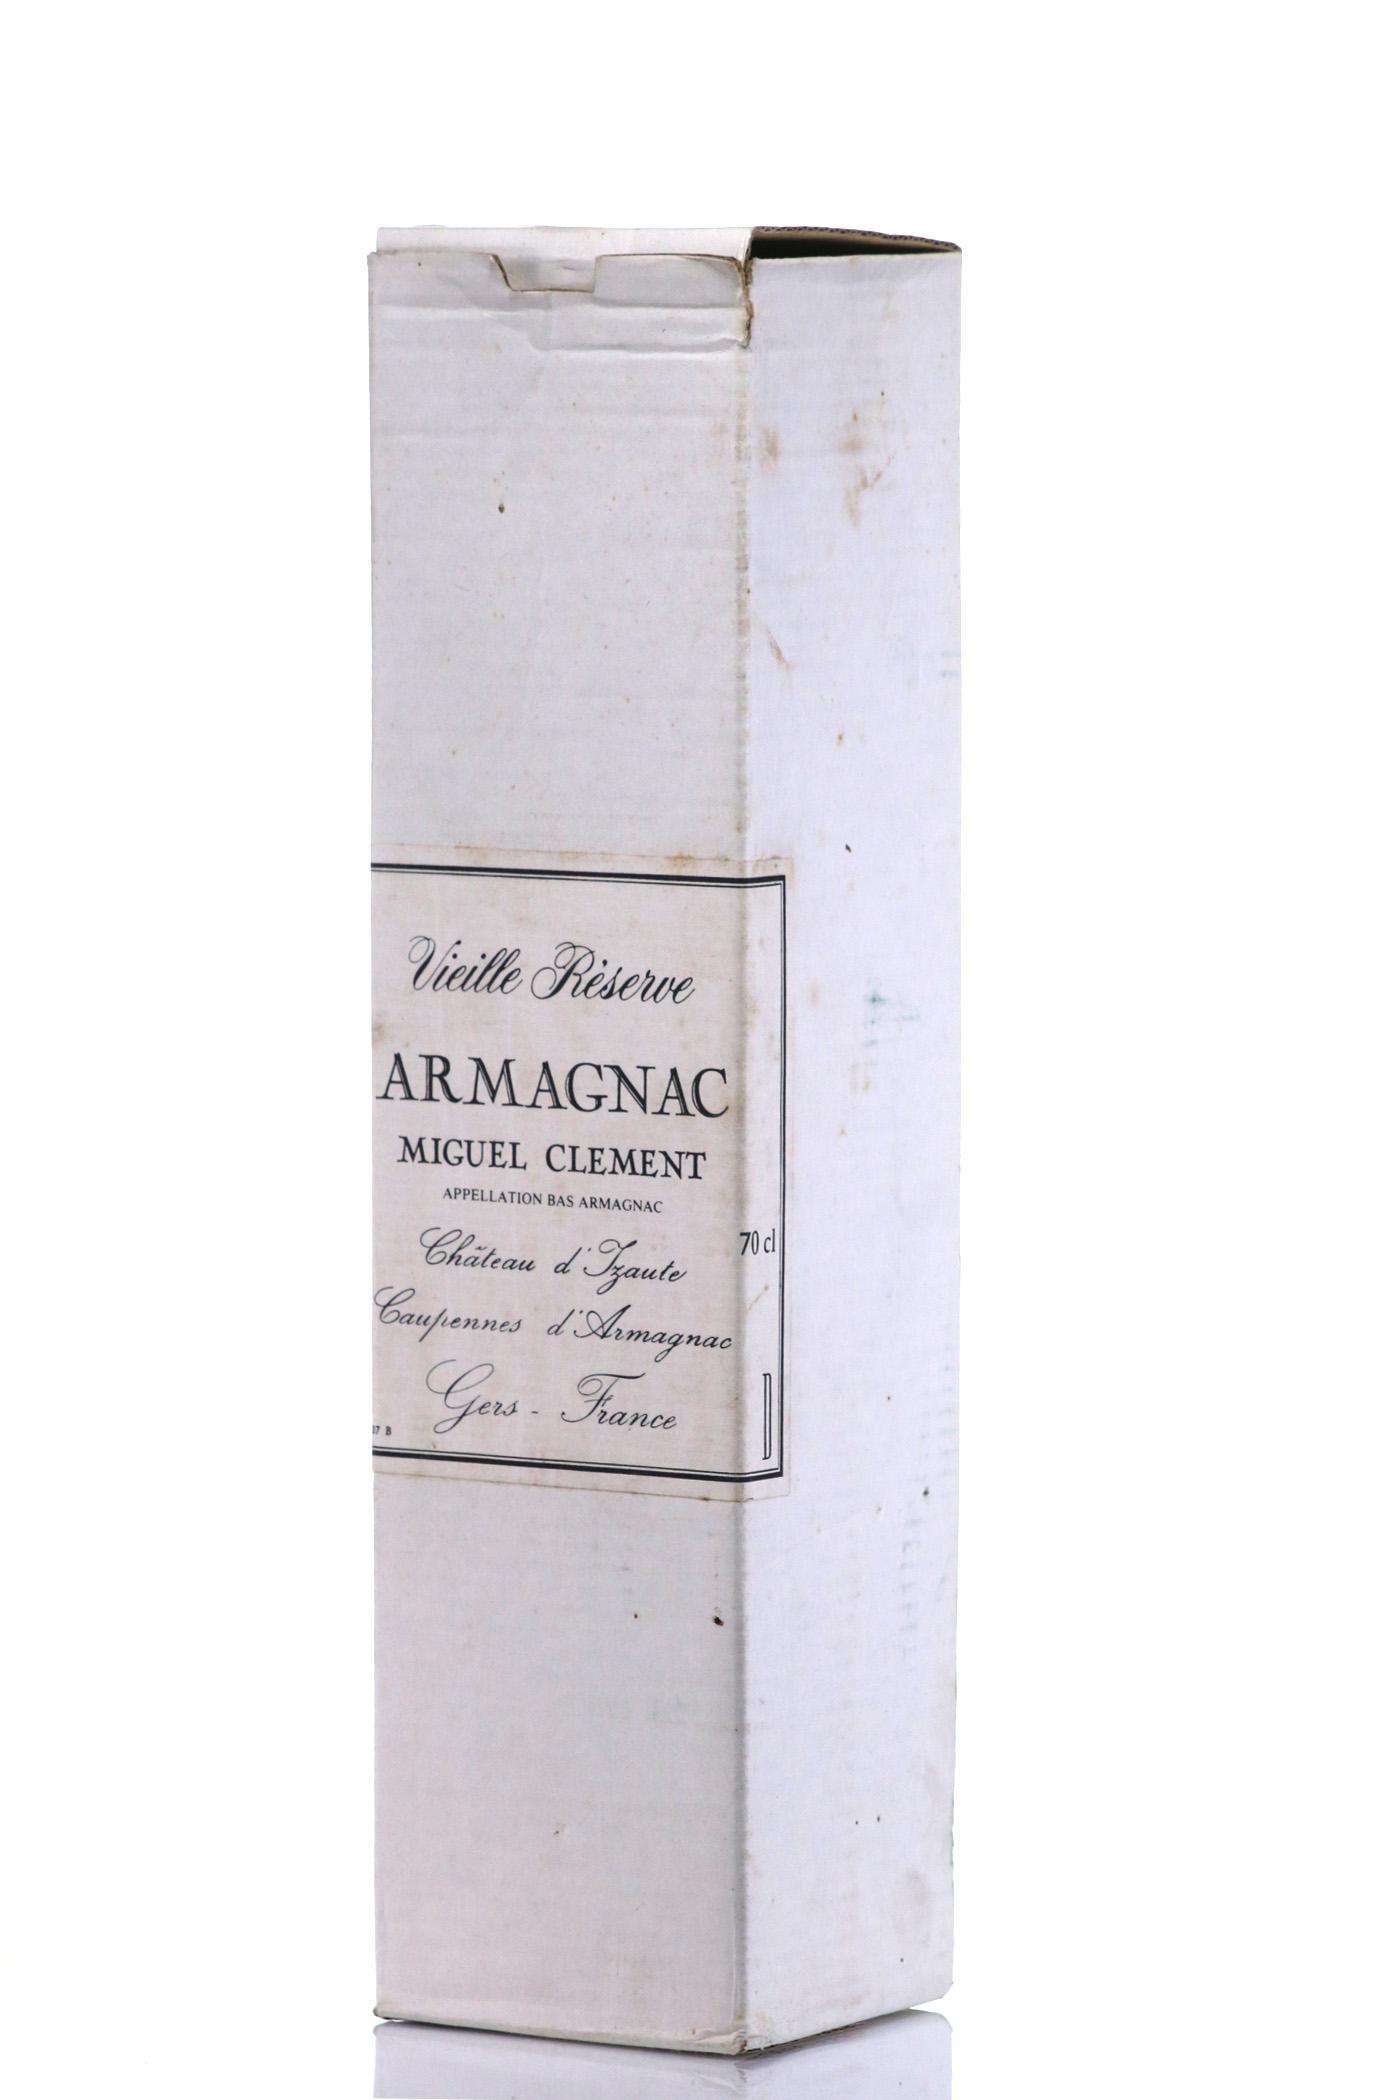 Armagnac 1928 Miguel Clement